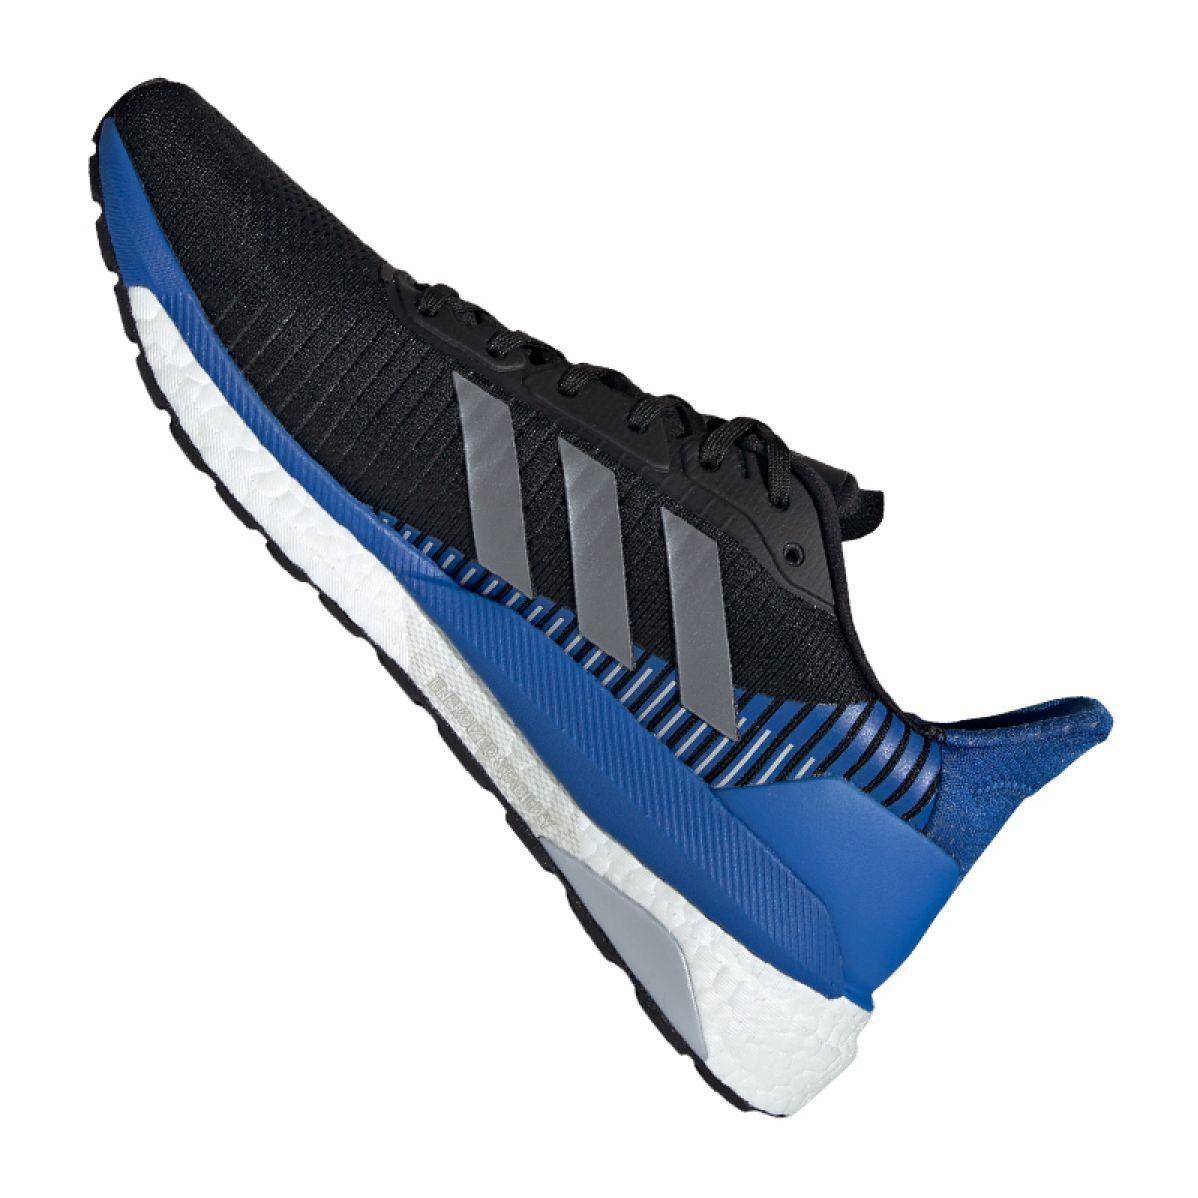 adidas solar glide boost st 19